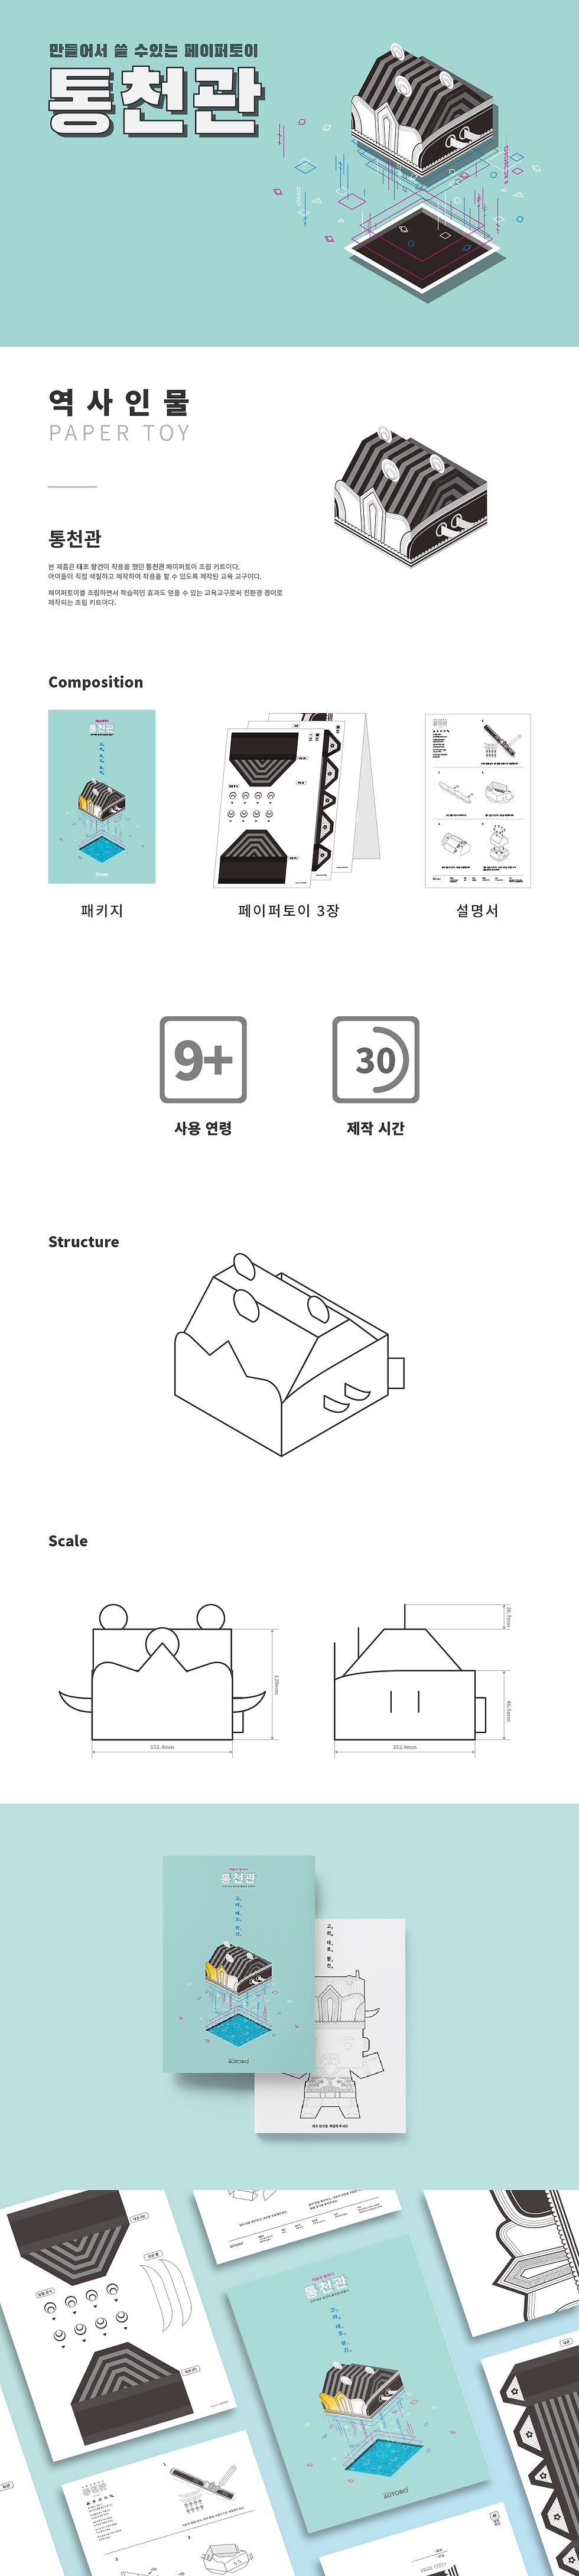 01-19. 통천관_상세페이지.png